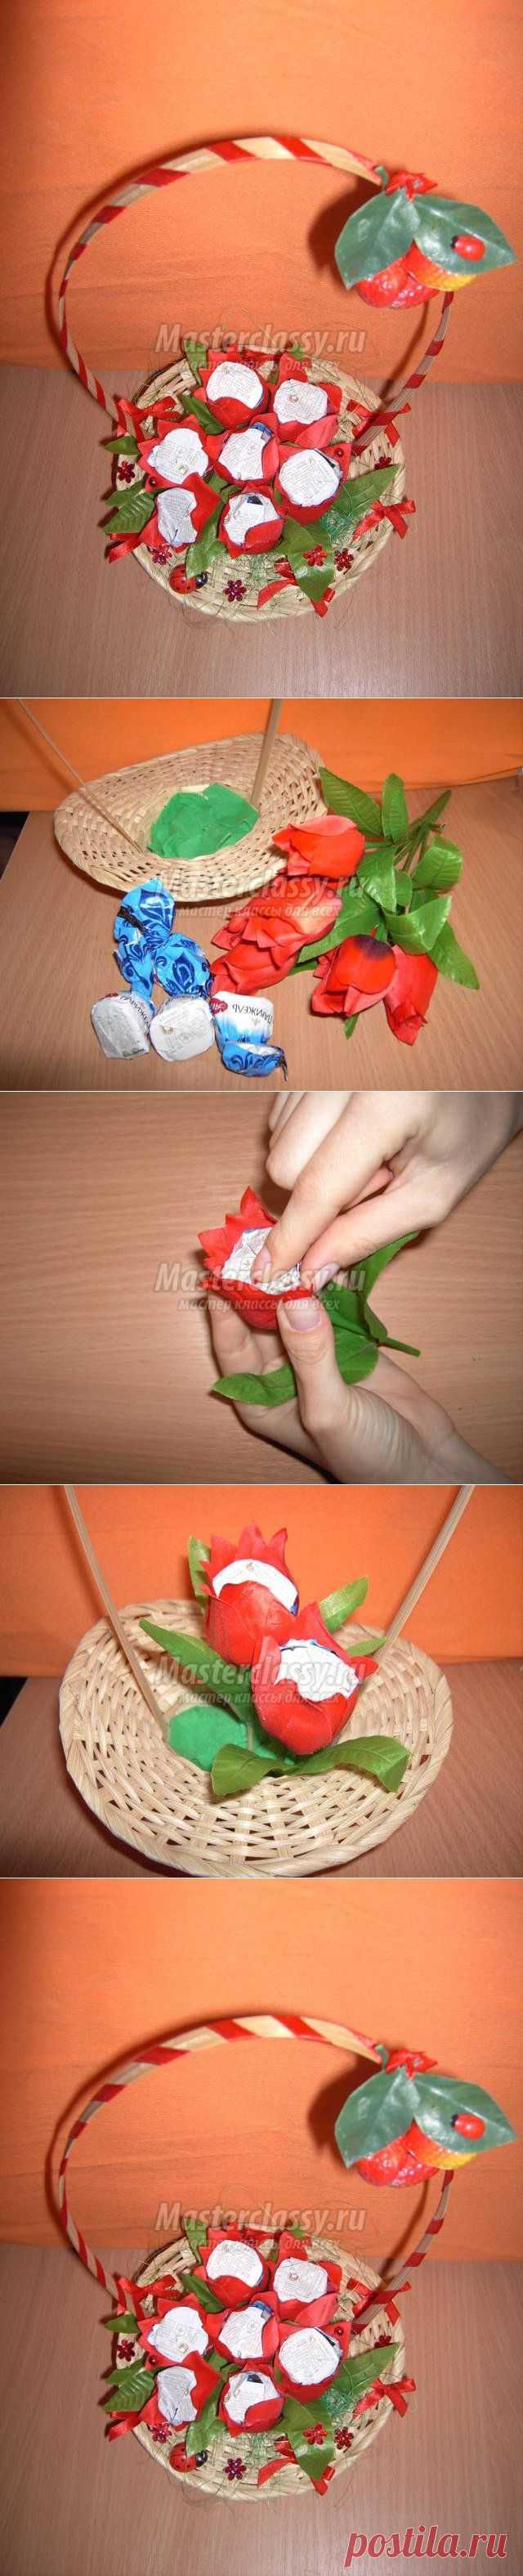 Корзинка с конфетами своими руками. Мастер-класс с пошаговыми фото